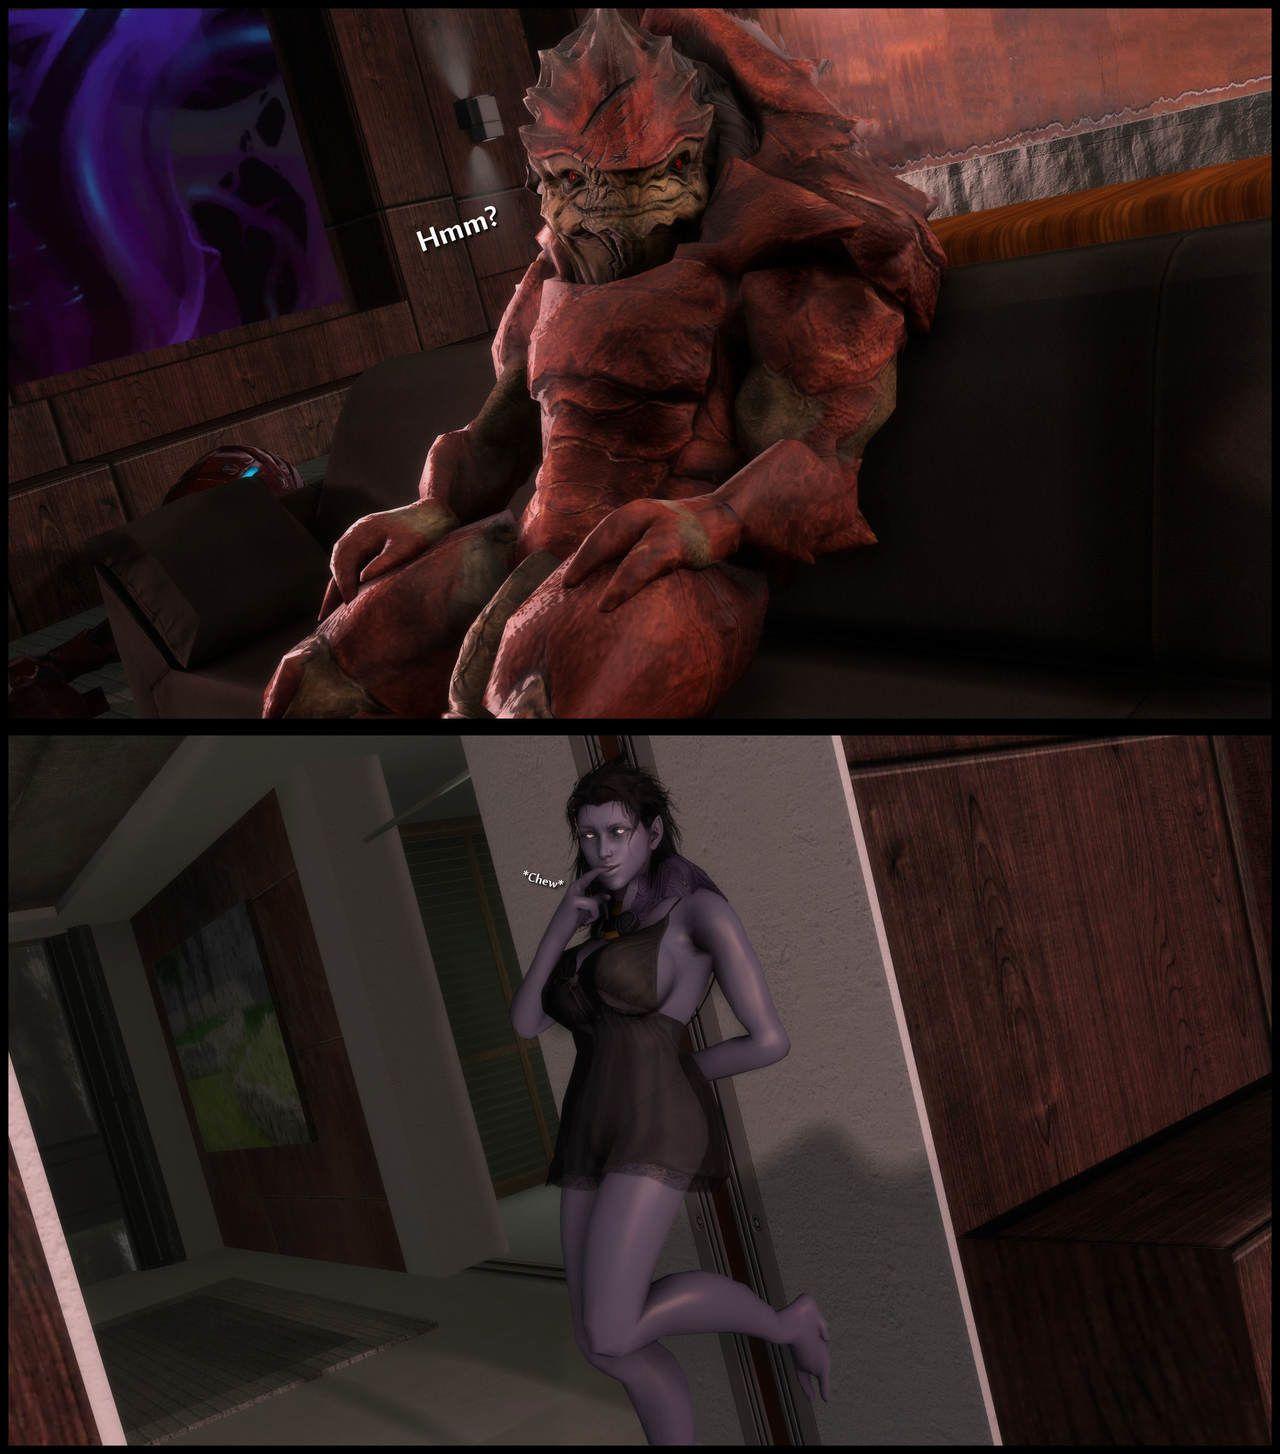 [foab30] Size Queen (Mass Effect)